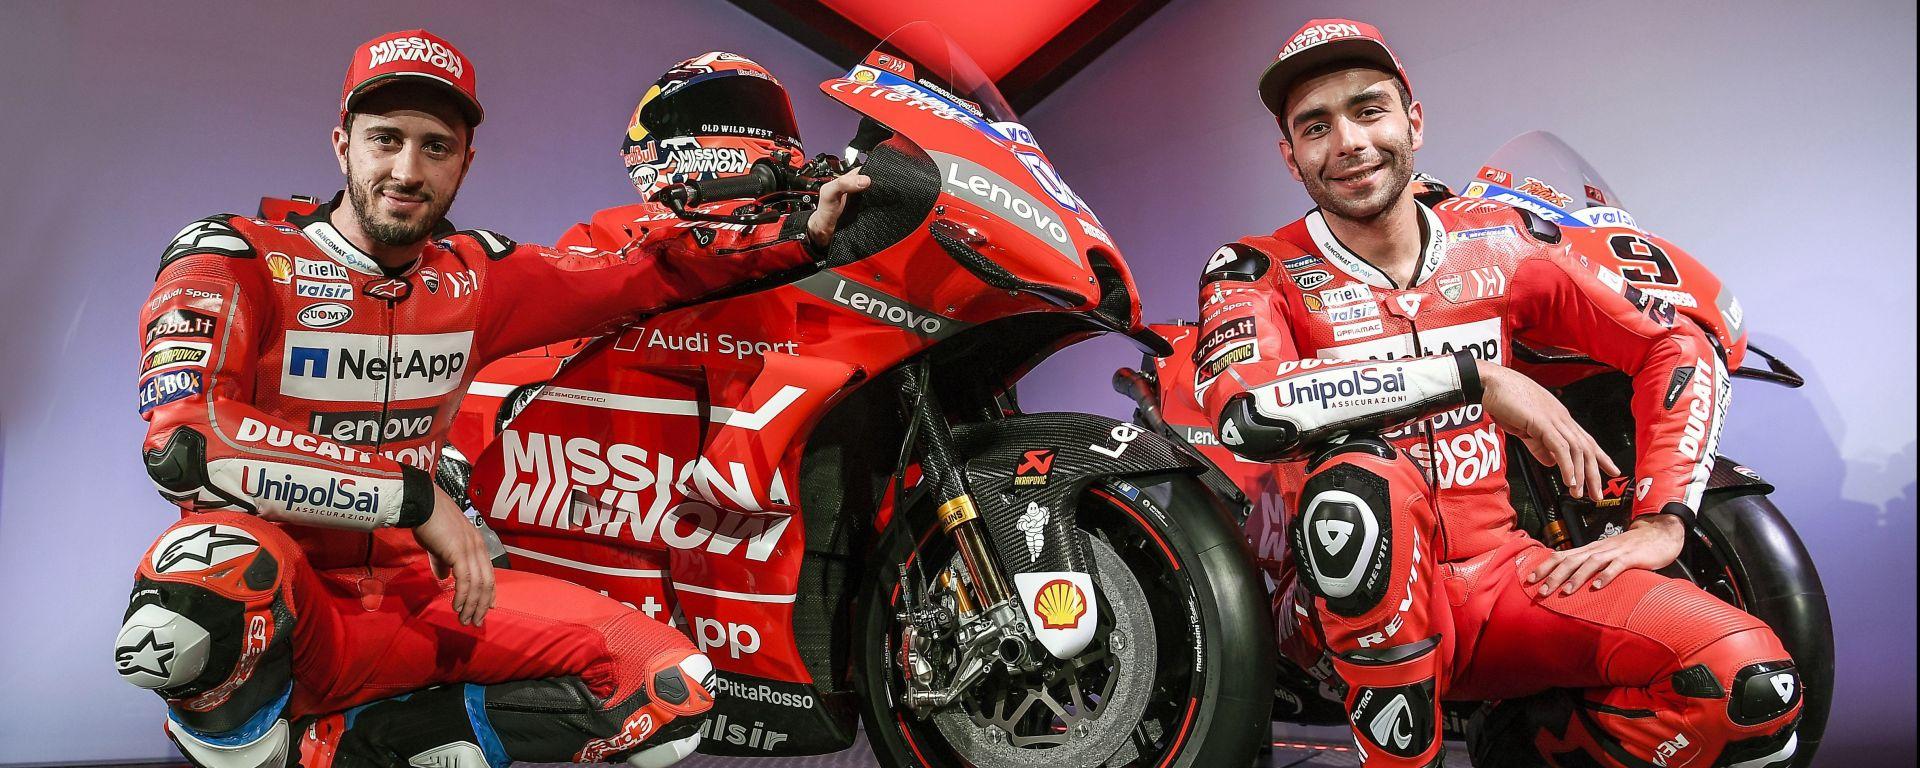 Mission Winnow Ducati - Andrea Dovizioso e Danilo Petrucci